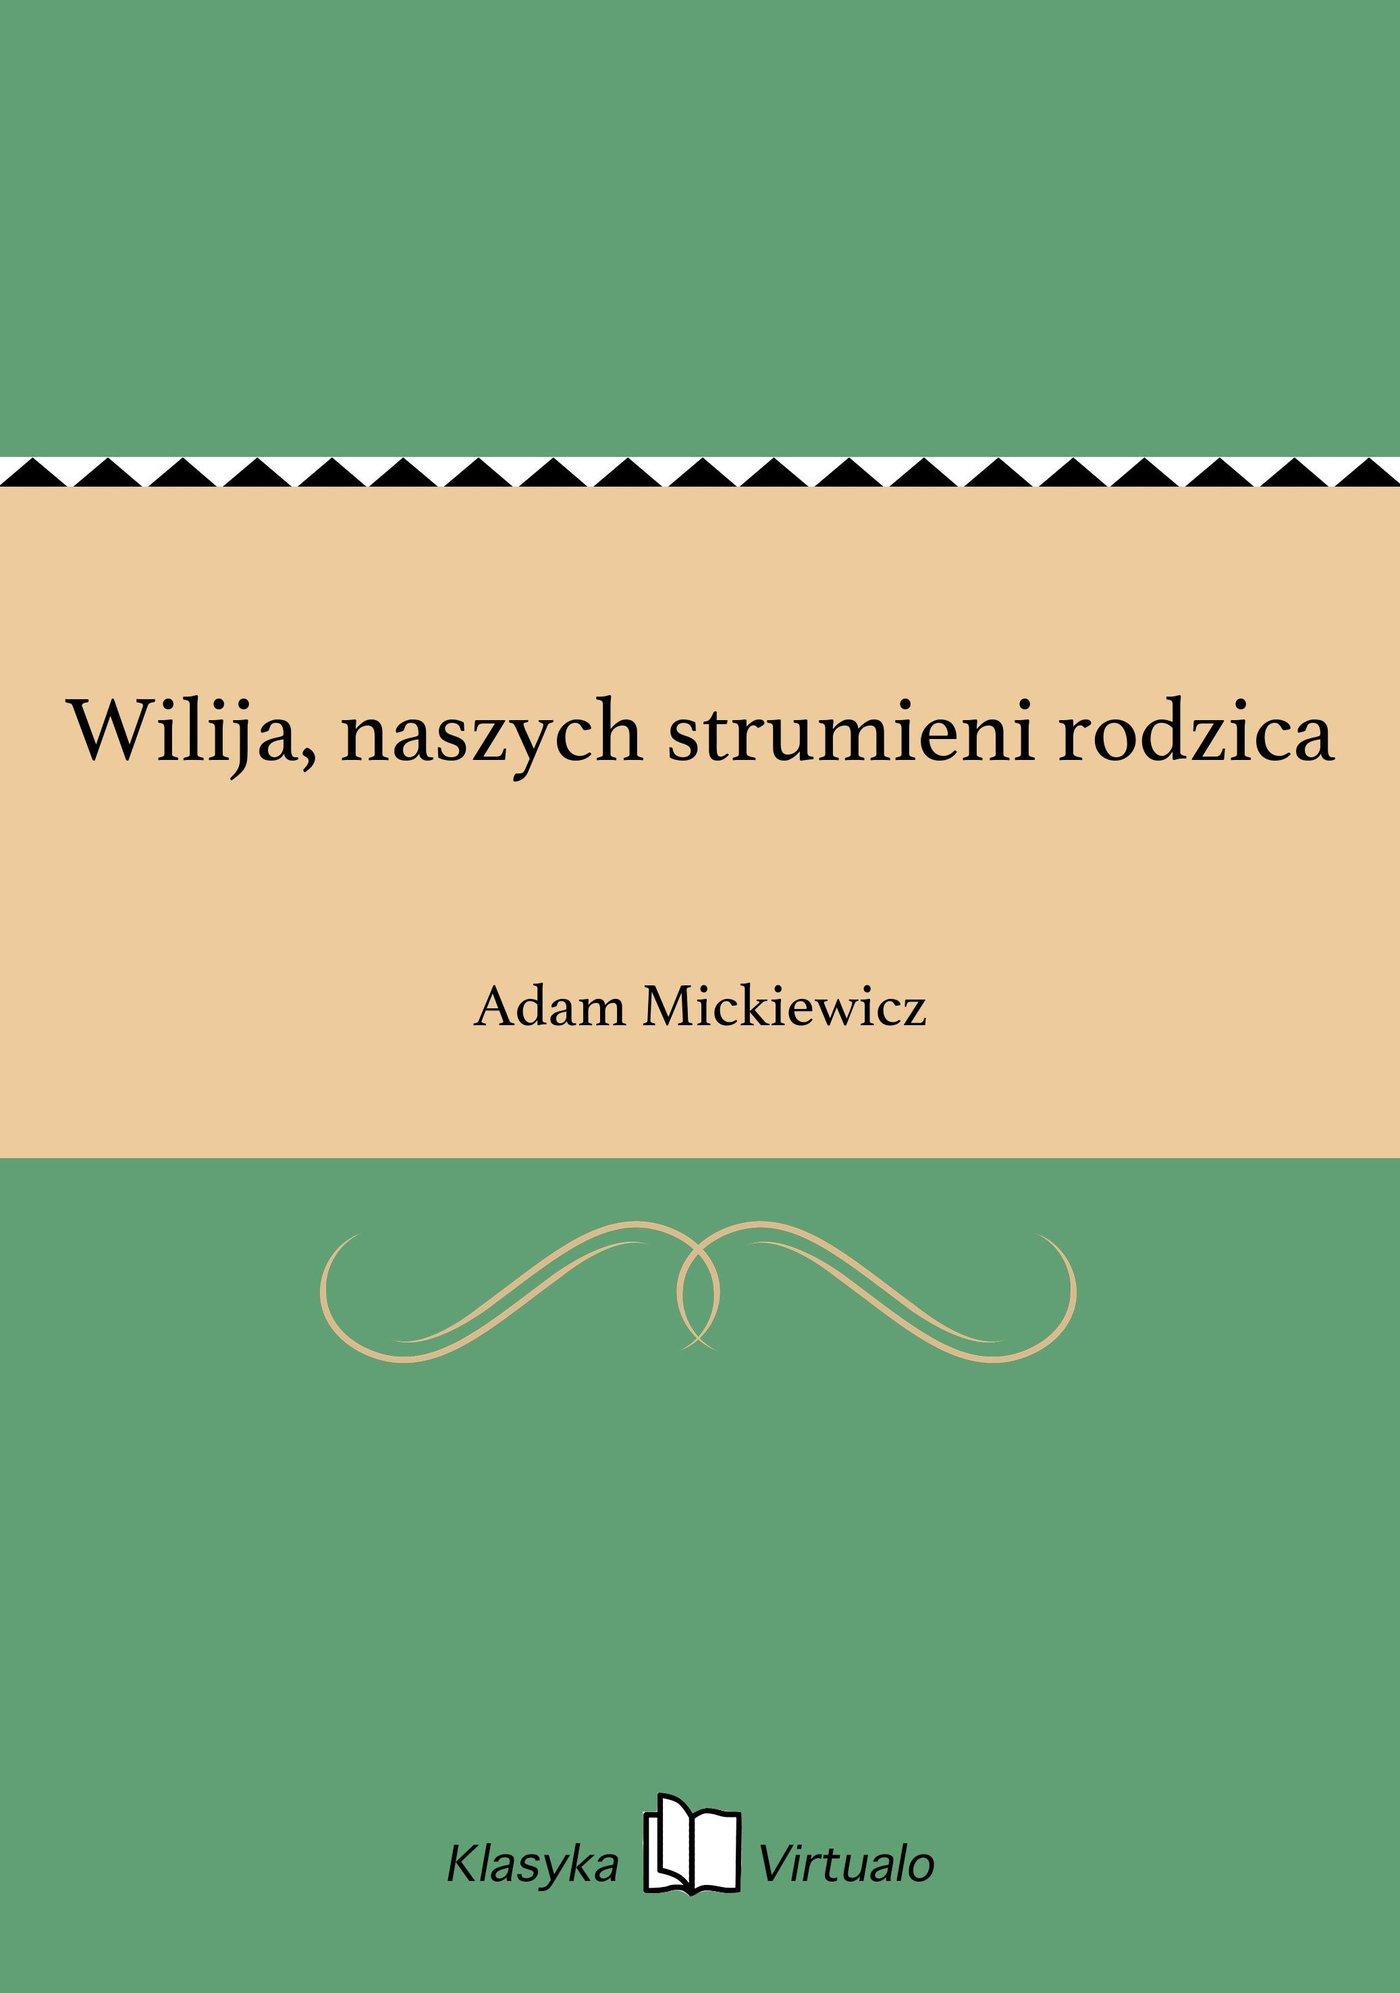 Wilija, naszych strumieni rodzica - Ebook (Książka EPUB) do pobrania w formacie EPUB